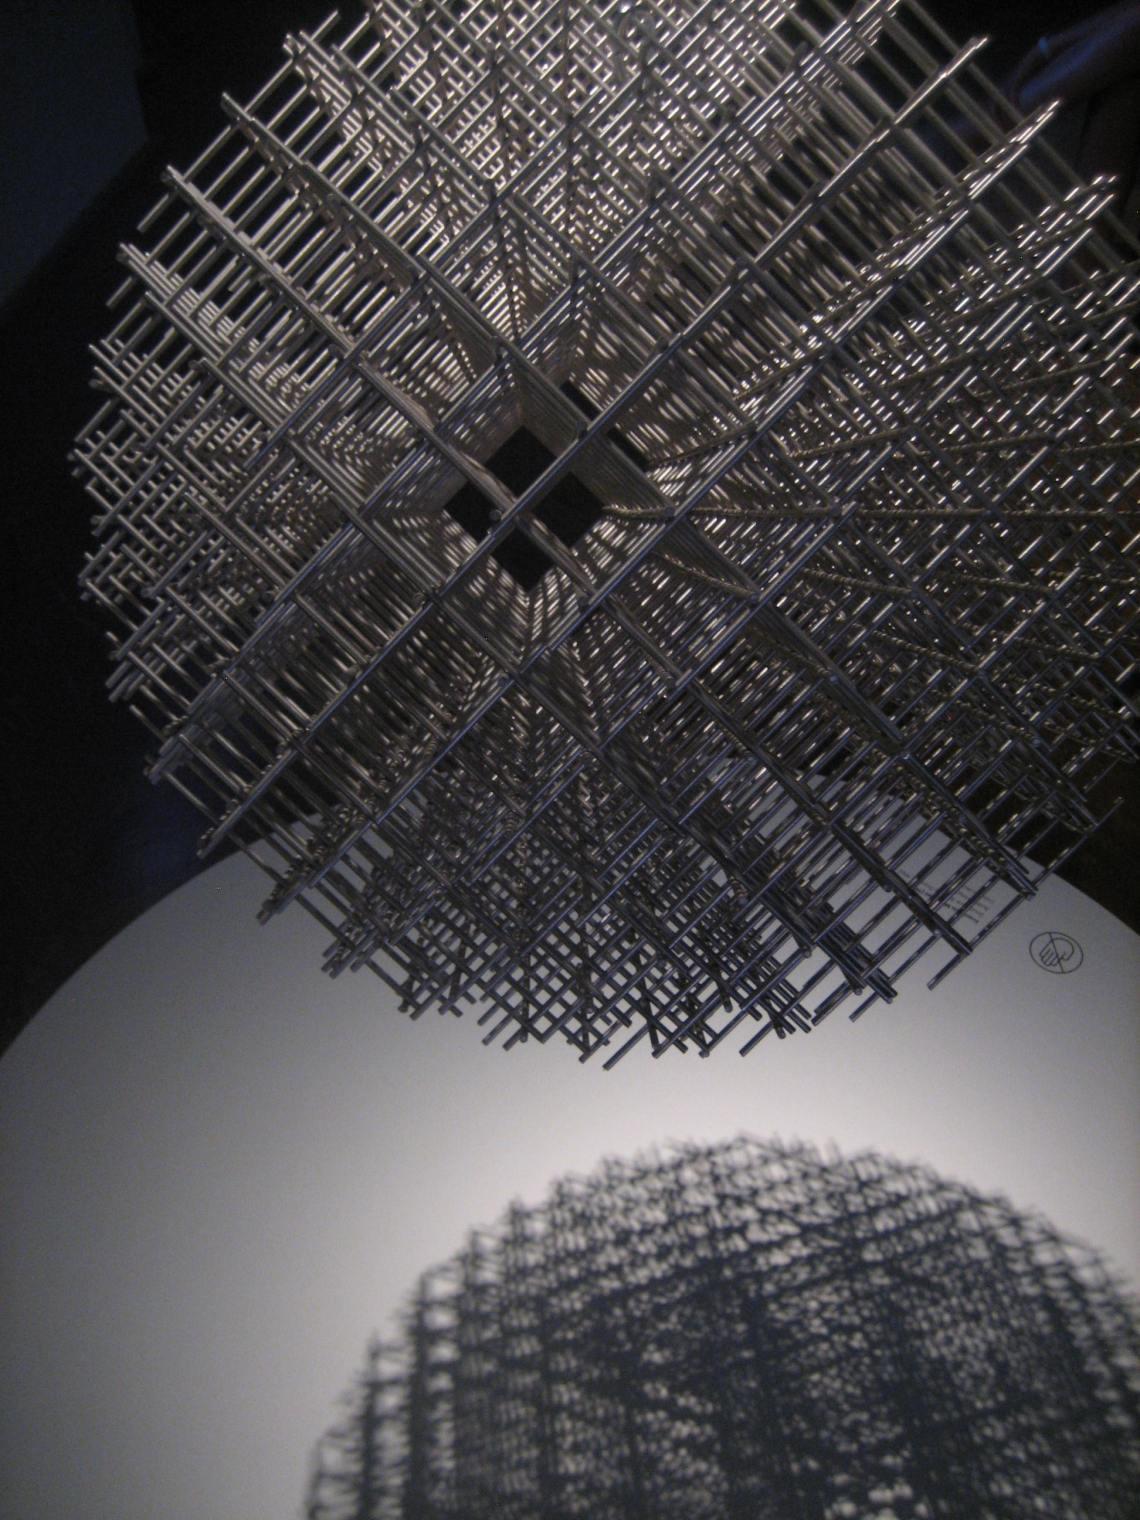 François Morellet, De Calder à Koons, Musée des Arts Décoratifs Parijs. Foto Esther Doornbusch, juni 2018©